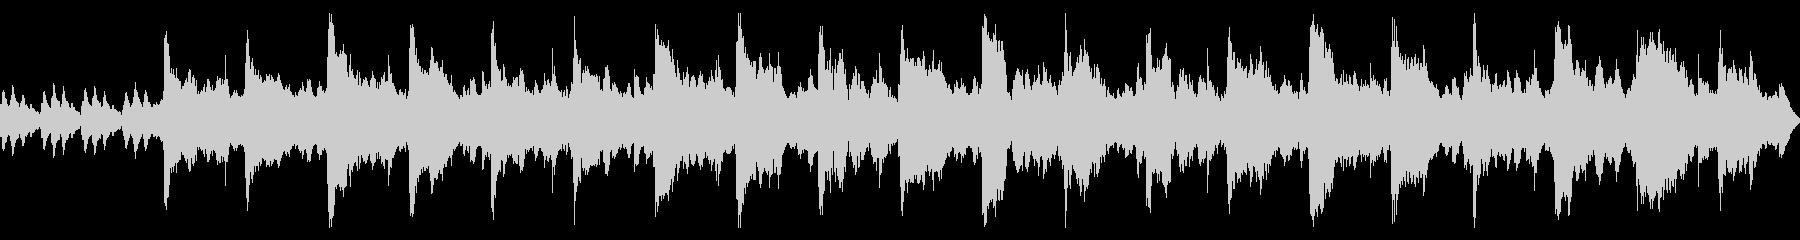 オーボエメインのやさしいBGMの未再生の波形